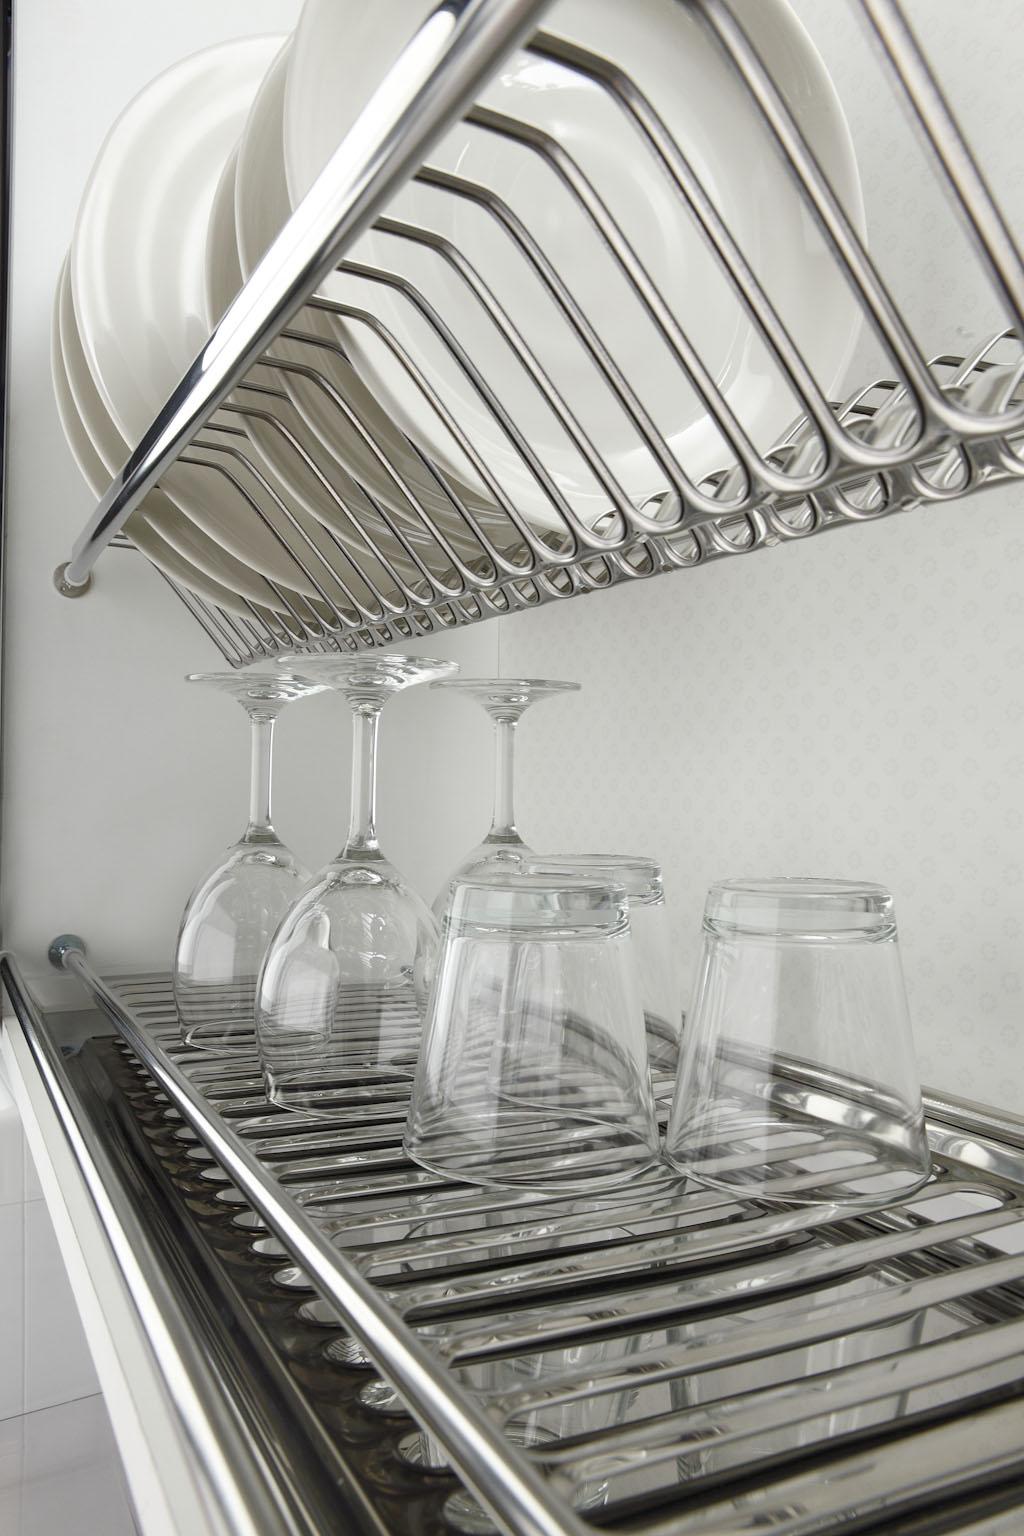 Сушка COMBI для посуды с поддоном, на одном уровне, 700мм, нержавейка